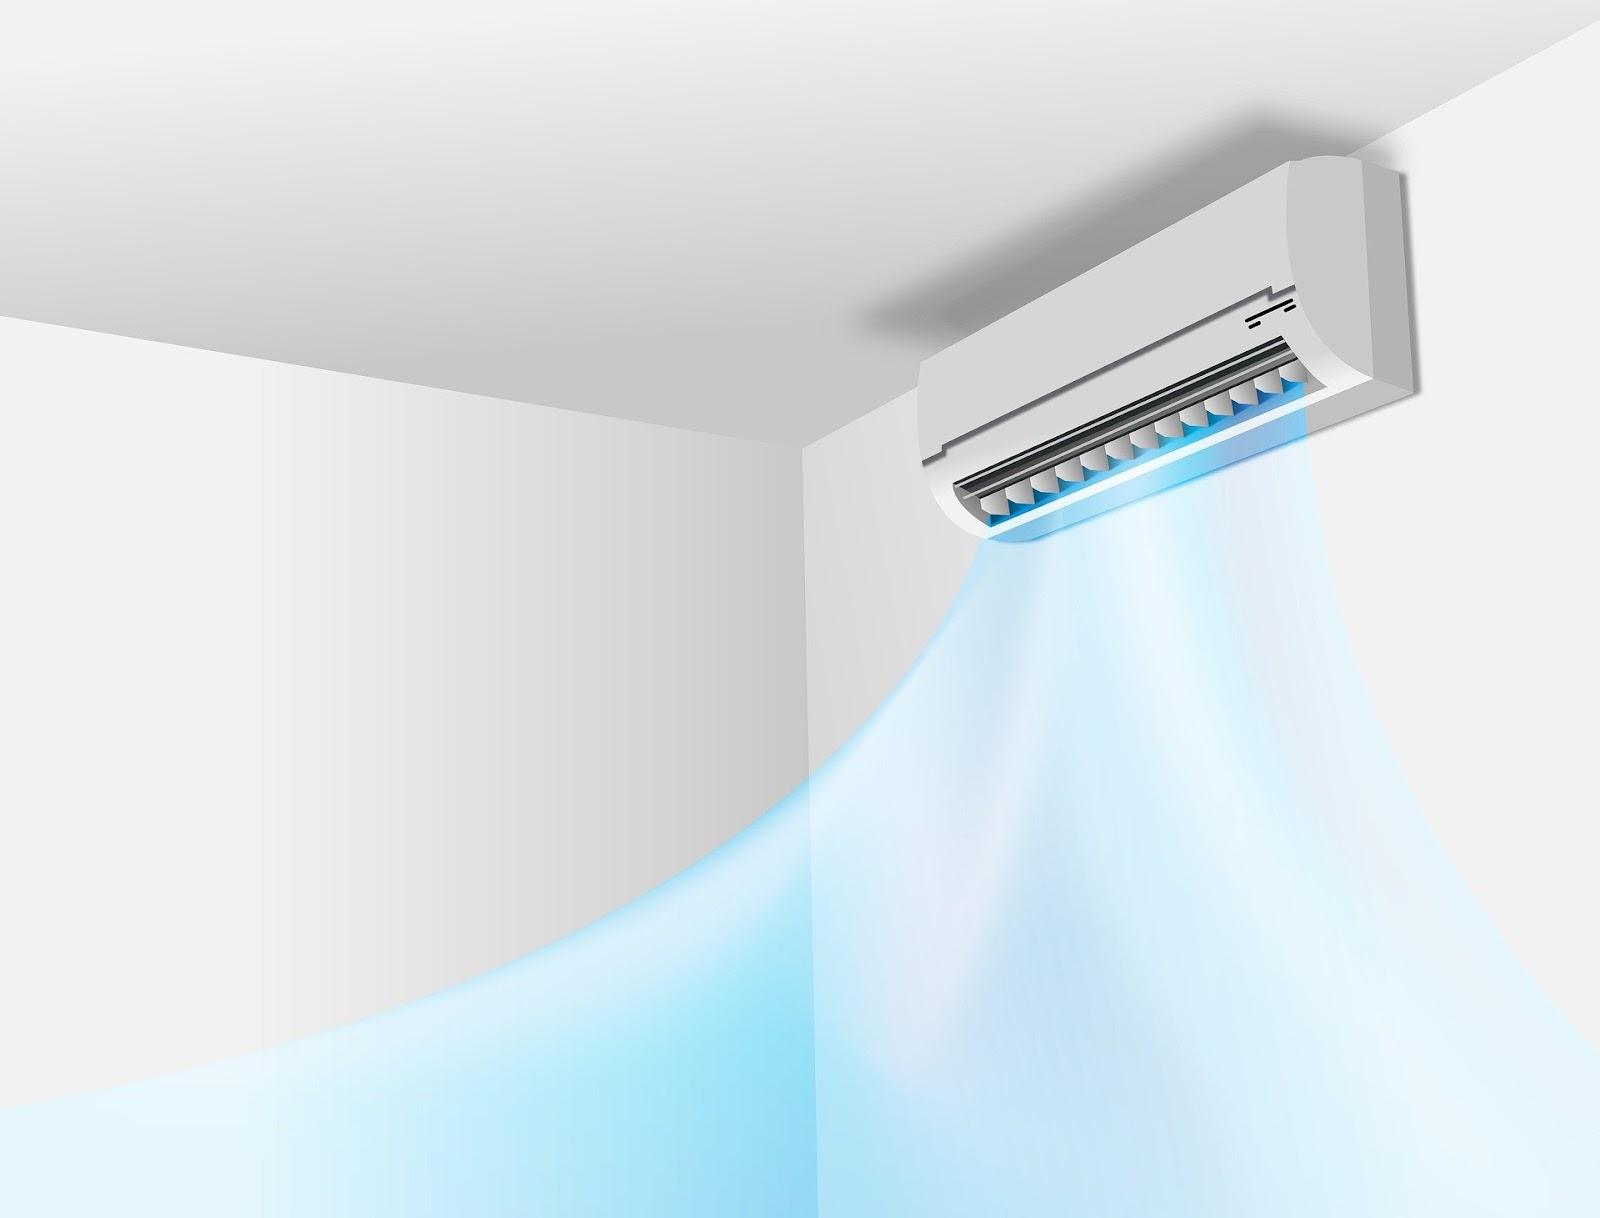 Um ar condicionado em uma parede.